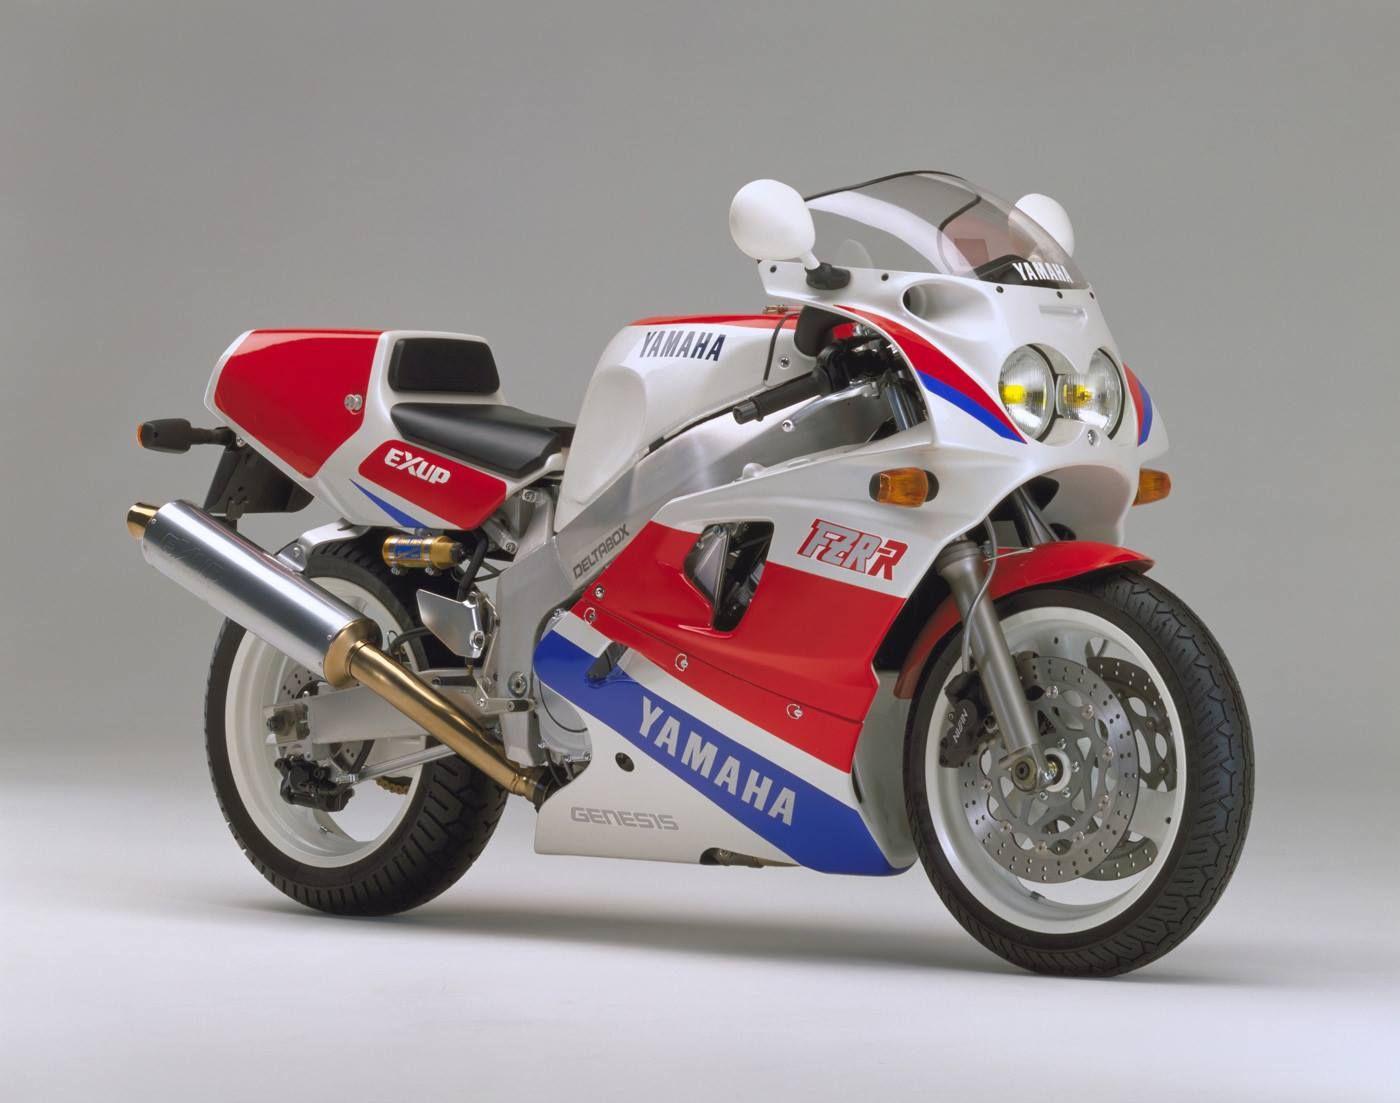 Yamaha fzr 750 R Ow01 1989